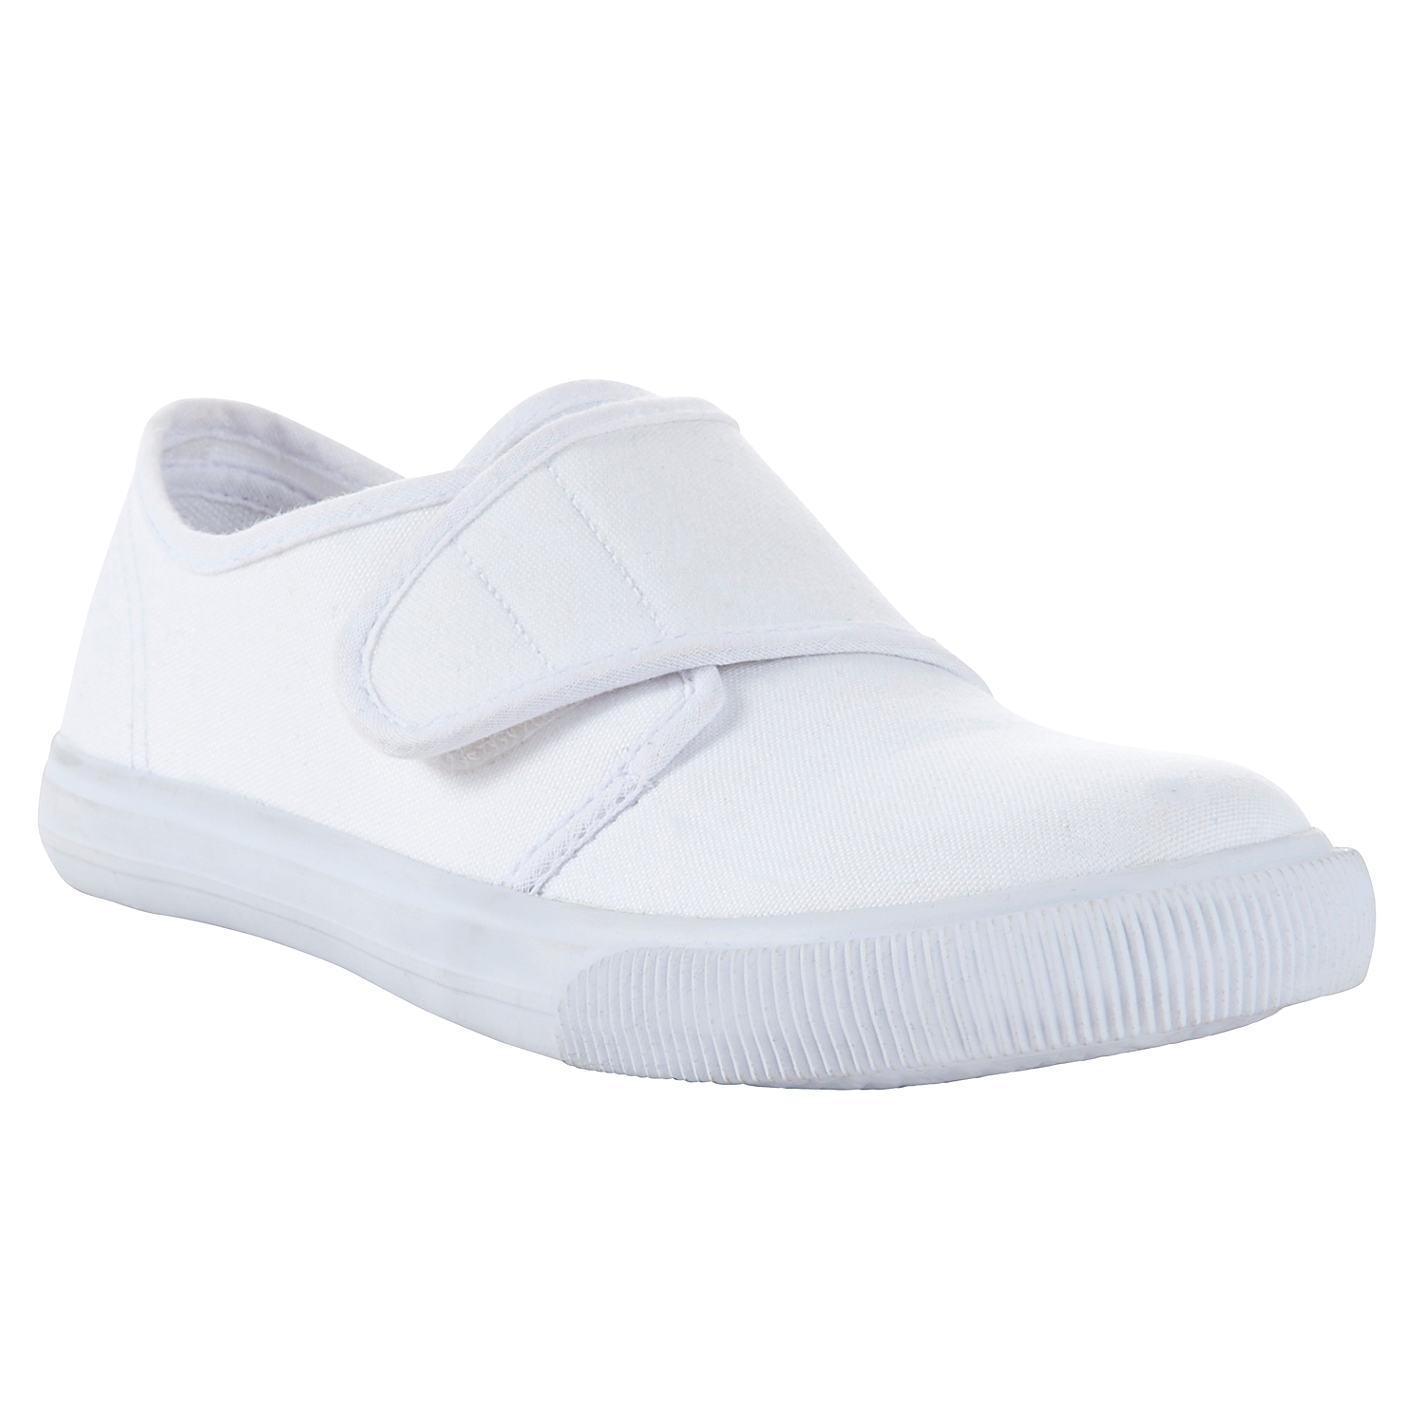 WHITE Plimsolls| Shop For Men's Plimsolls | Mr Shoes UK